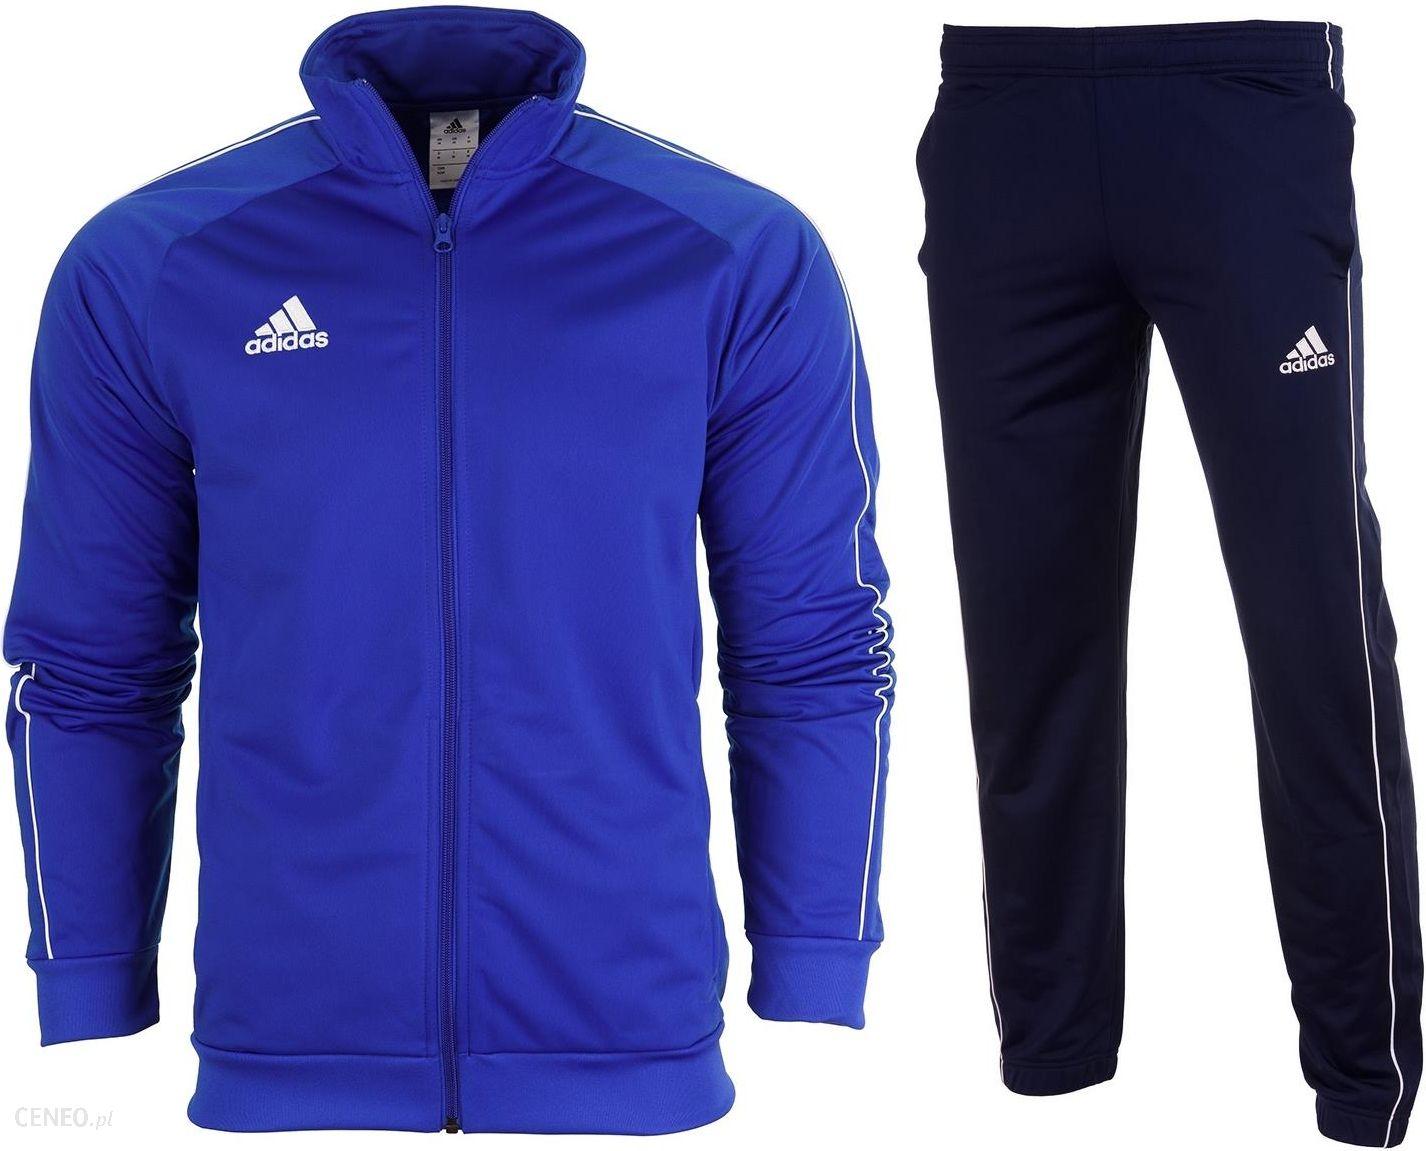 najnowsza zniżka całkowicie stylowy taniej Adidas Dres Kompletny Meski Spodnie Bluza Core XXL - Ceny i opinie -  Ceneo.pl